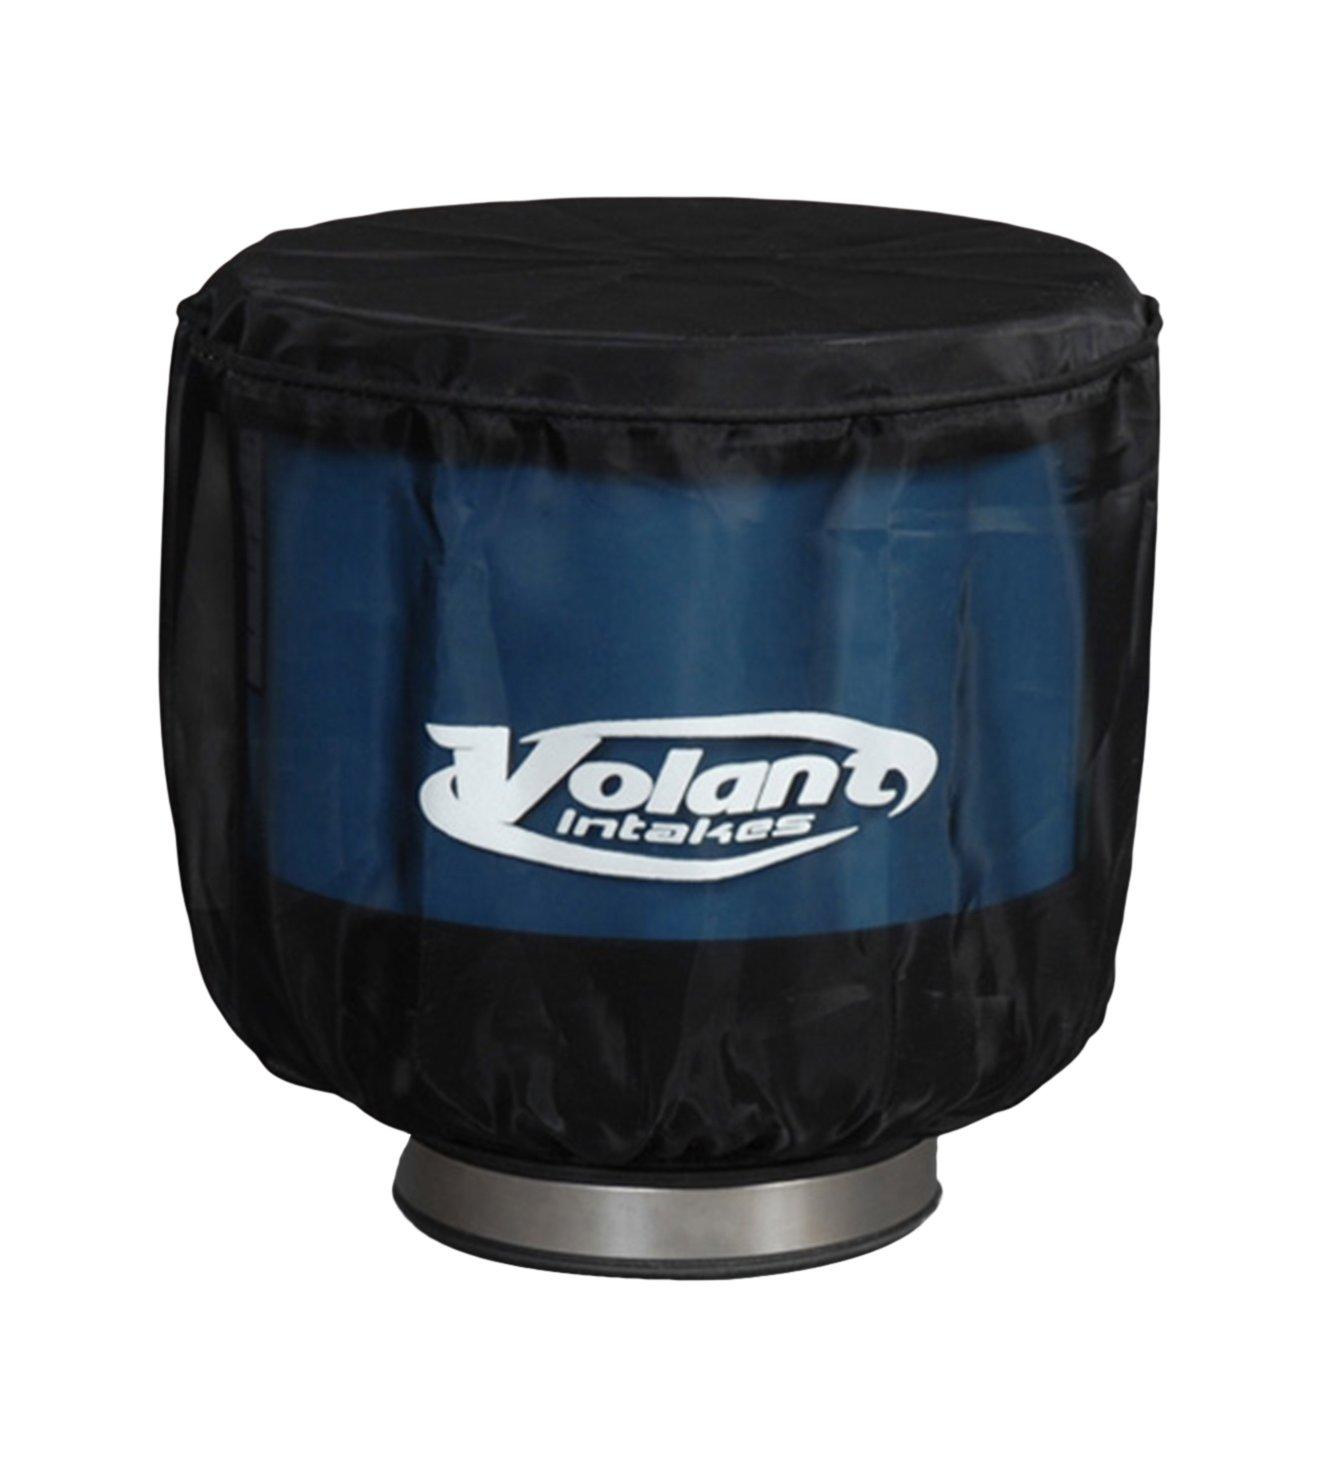 Volant 51920 Pre-Filter